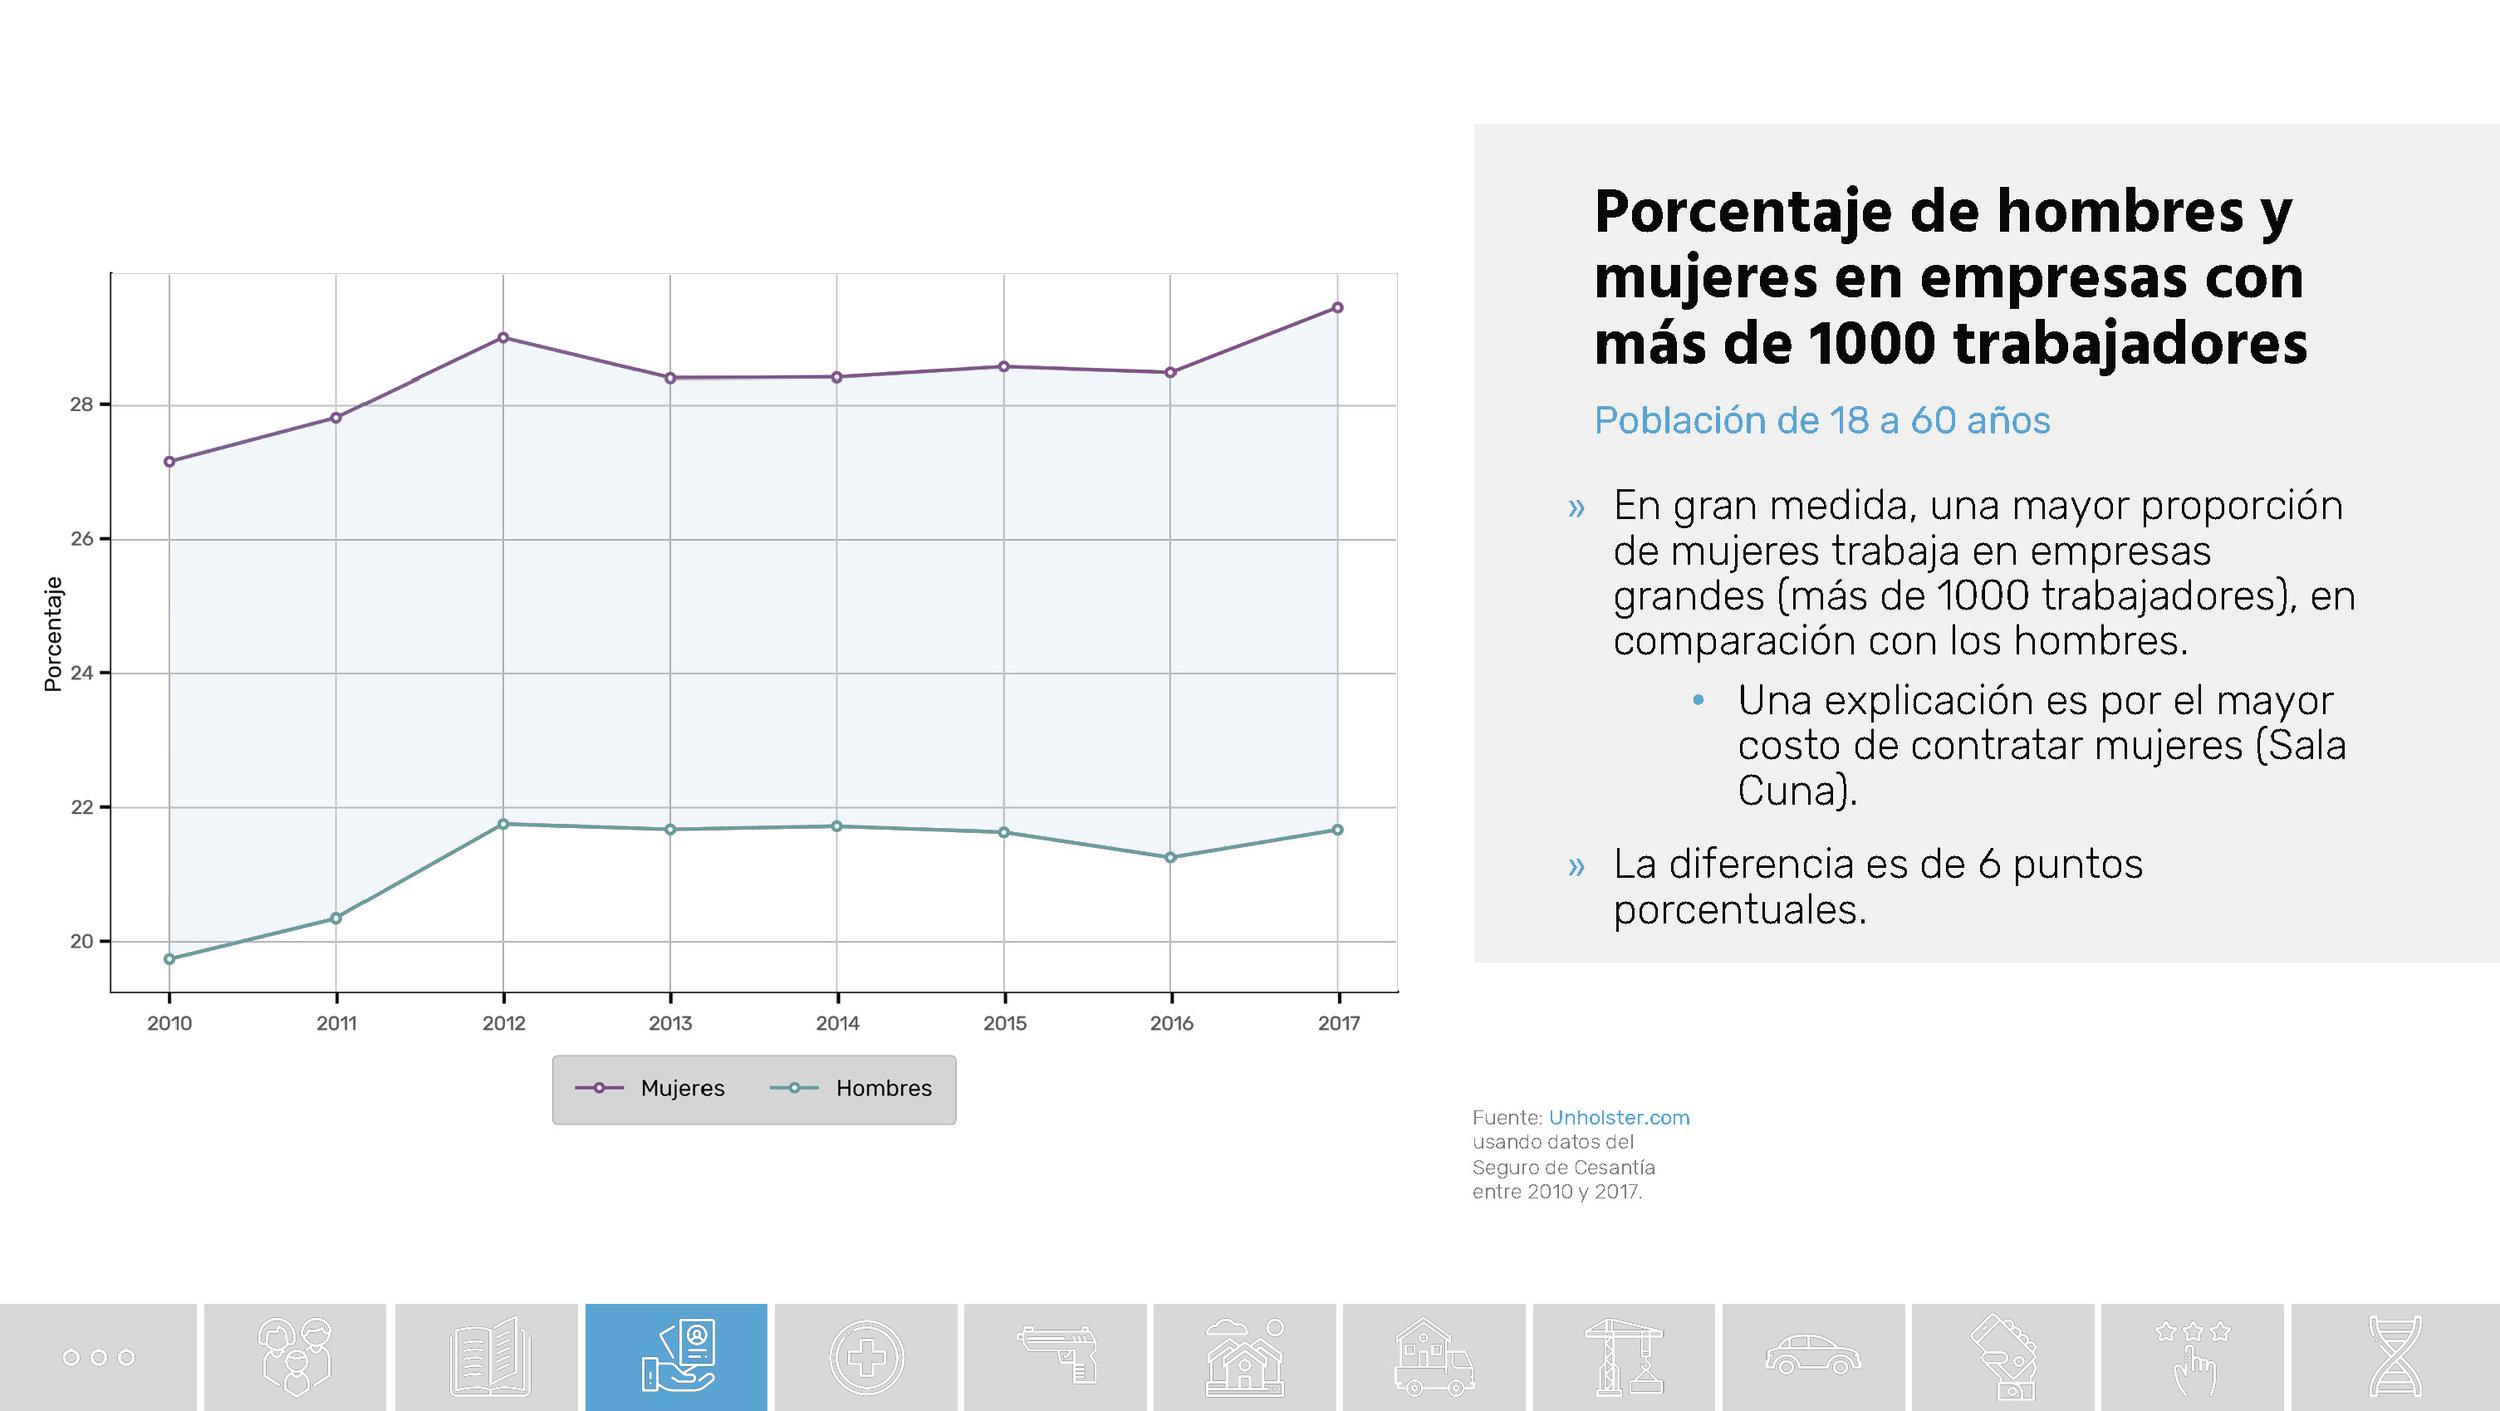 Chile_Datos de una transformacion social_Unholster_Página_30.jpg